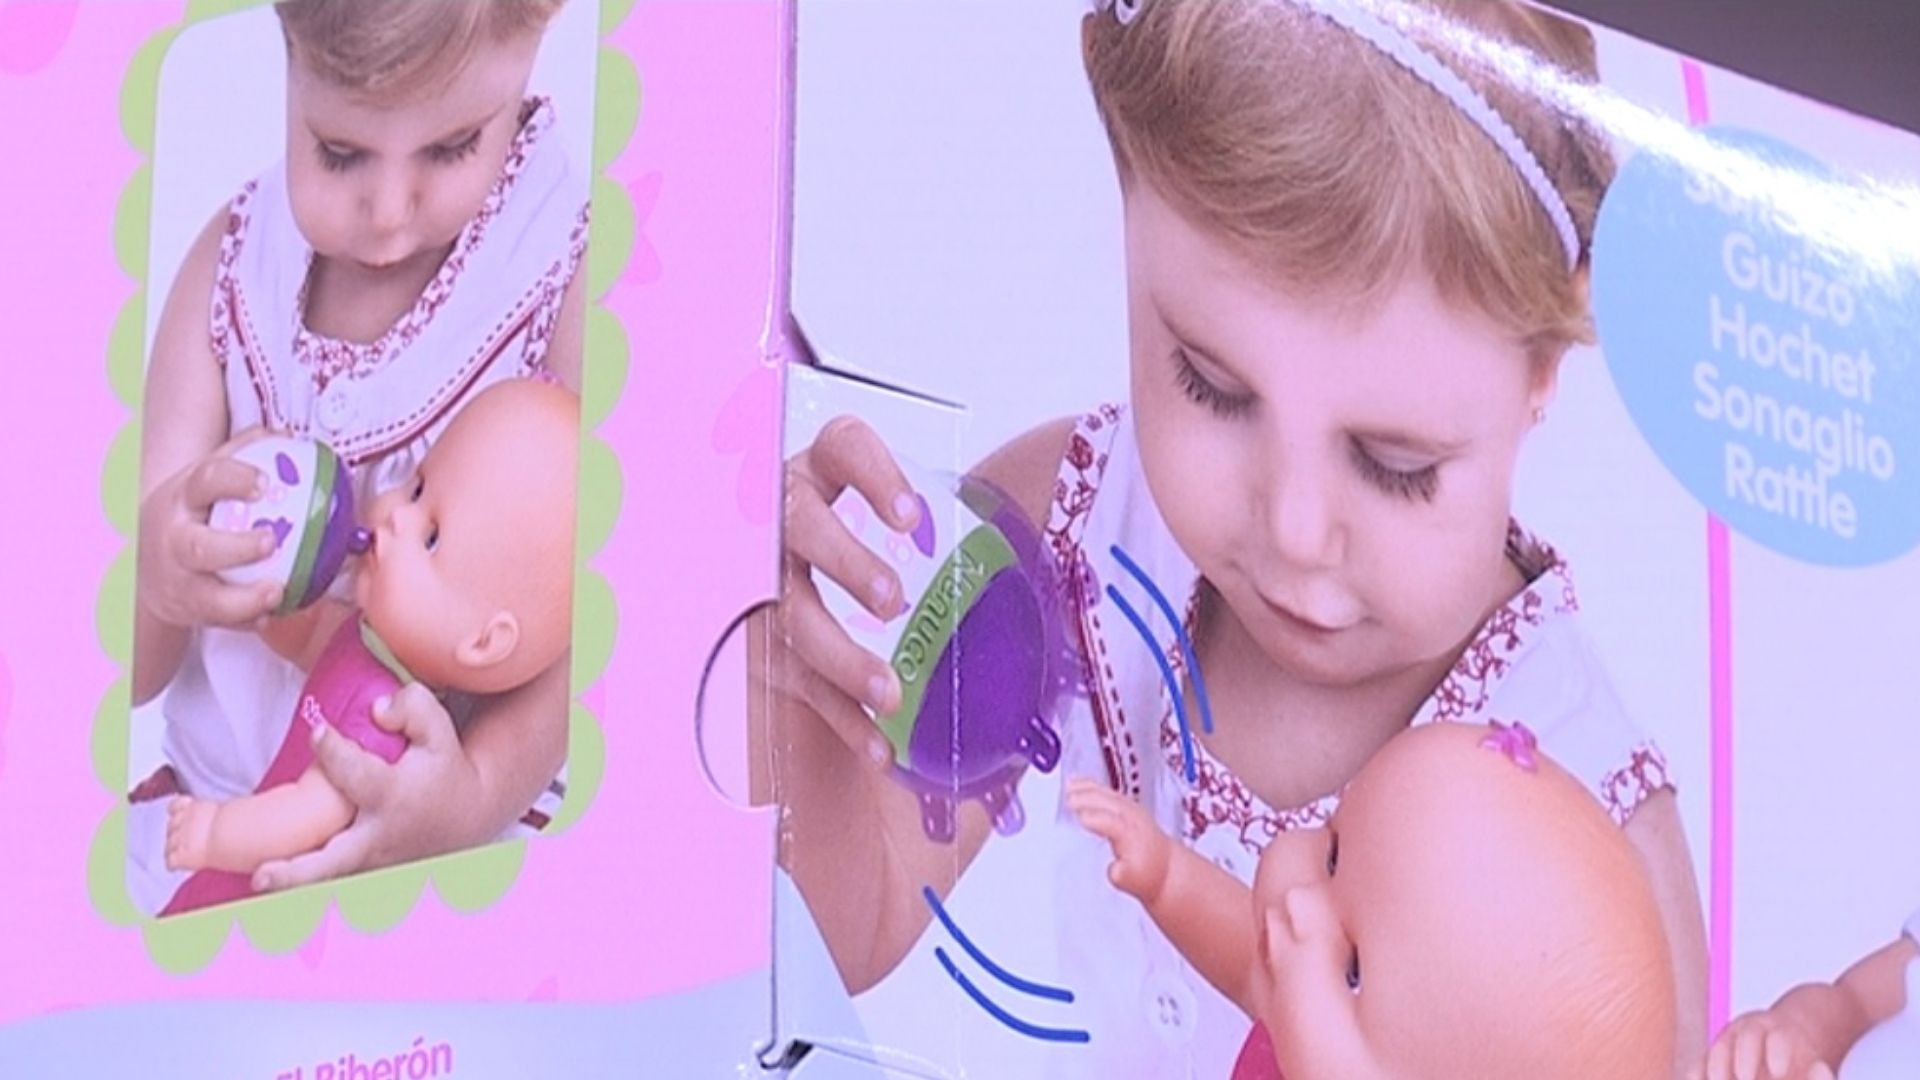 caixa de nina amb nena jugant joguines sexistes